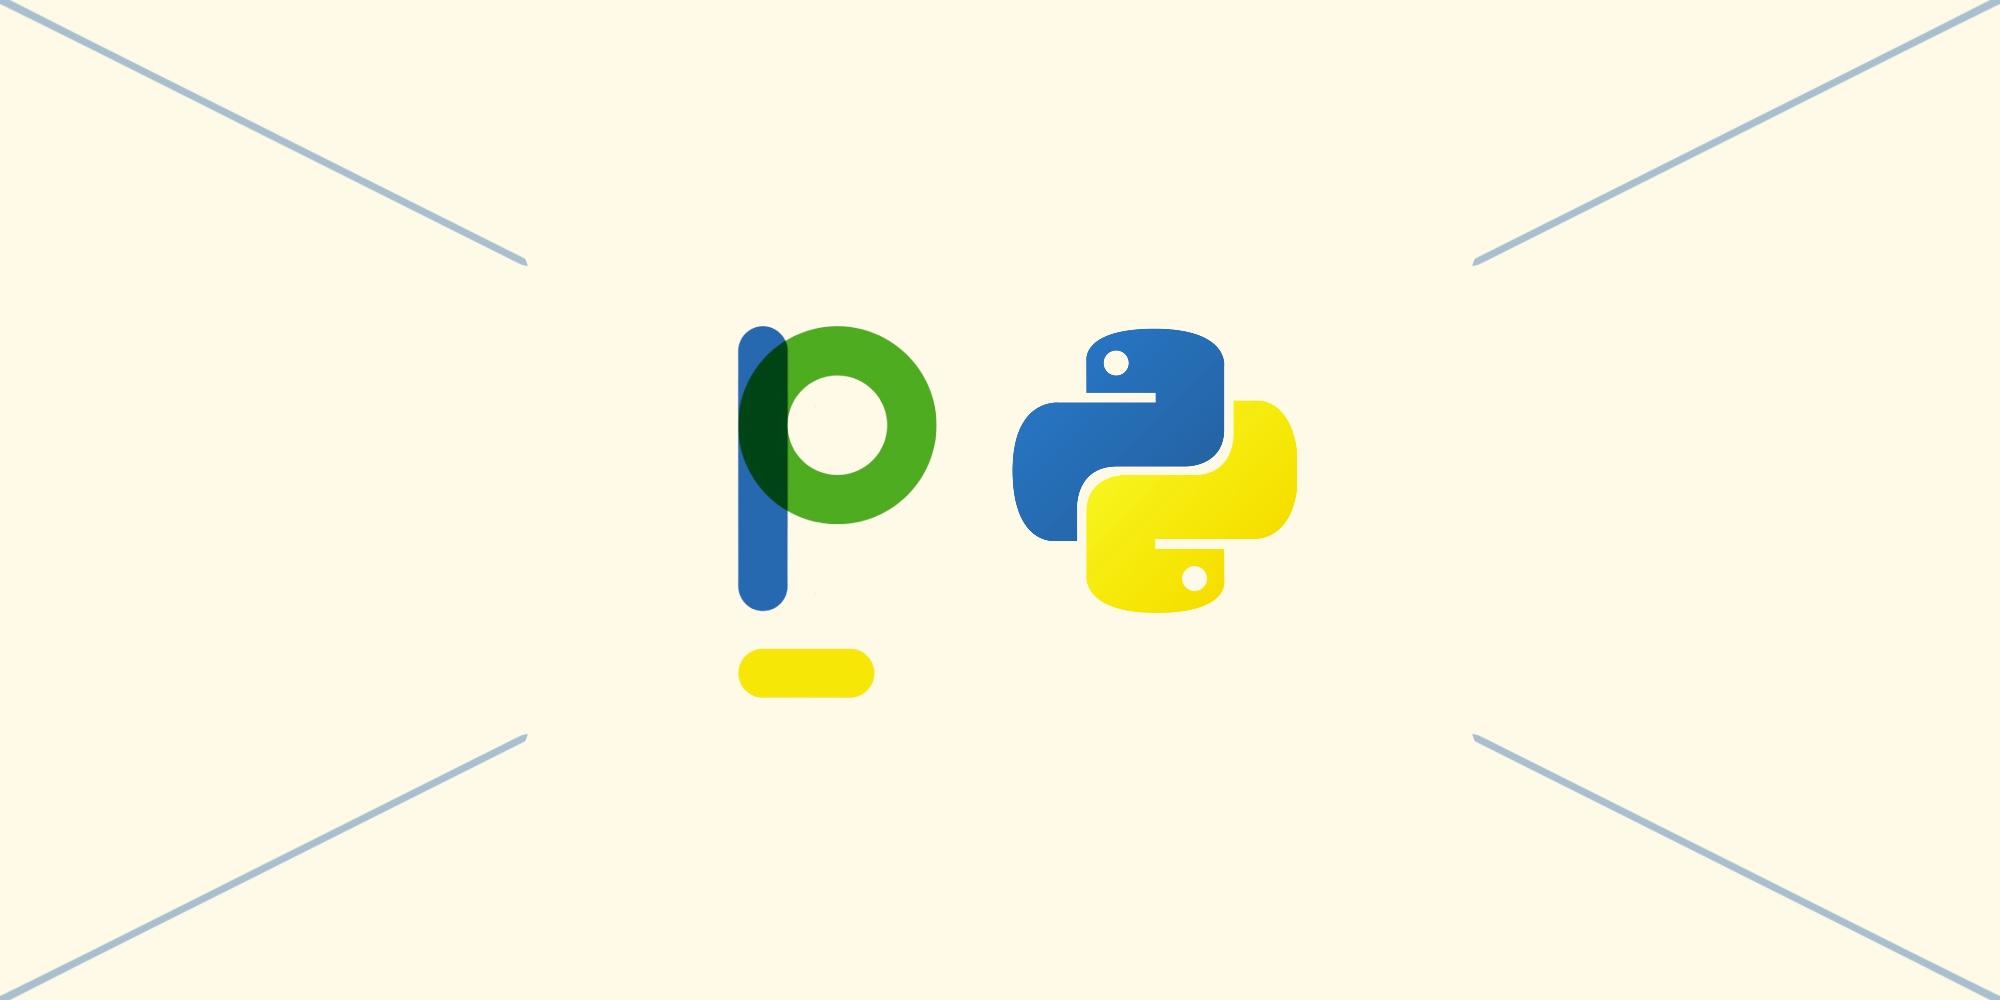 Интерактивный курс Python для новичков в программировании